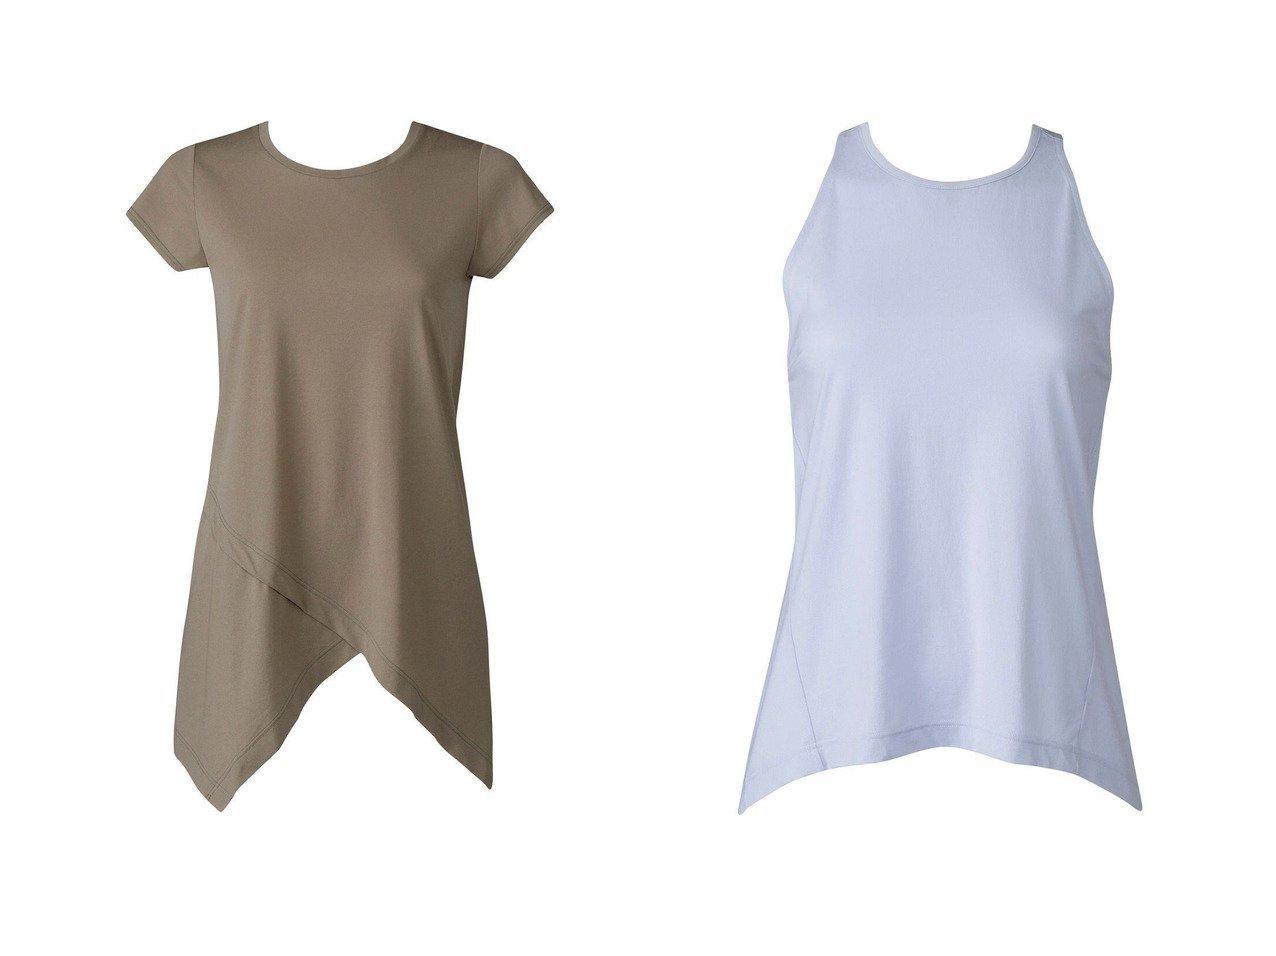 【CW-X/シーダブリューエックス】の【WOMEN】YOGAアウター ロングTシャツ 半袖ワコール&【WOMEN】YOGAアウター Tシャツ ノースリーブワコール スポーツウェア・ヨガ・運動・ダイエットグッズなどのおすすめ!人気トレンド・ファッション通販 おすすめで人気の流行・トレンド、ファッションの通販商品 インテリア・家具・メンズファッション・キッズファッション・レディースファッション・服の通販 founy(ファニー) https://founy.com/ ファッション Fashion レディースファッション WOMEN アウター Coat Outerwear トップス・カットソー Tops/Tshirt シャツ/ブラウス Shirts/Blouses ロング / Tシャツ T-Shirts キャミソール / ノースリーブ No Sleeves 送料無料 Free Shipping アシンメトリー ロング 半袖 ノースリーブ |ID:crp329100000041132